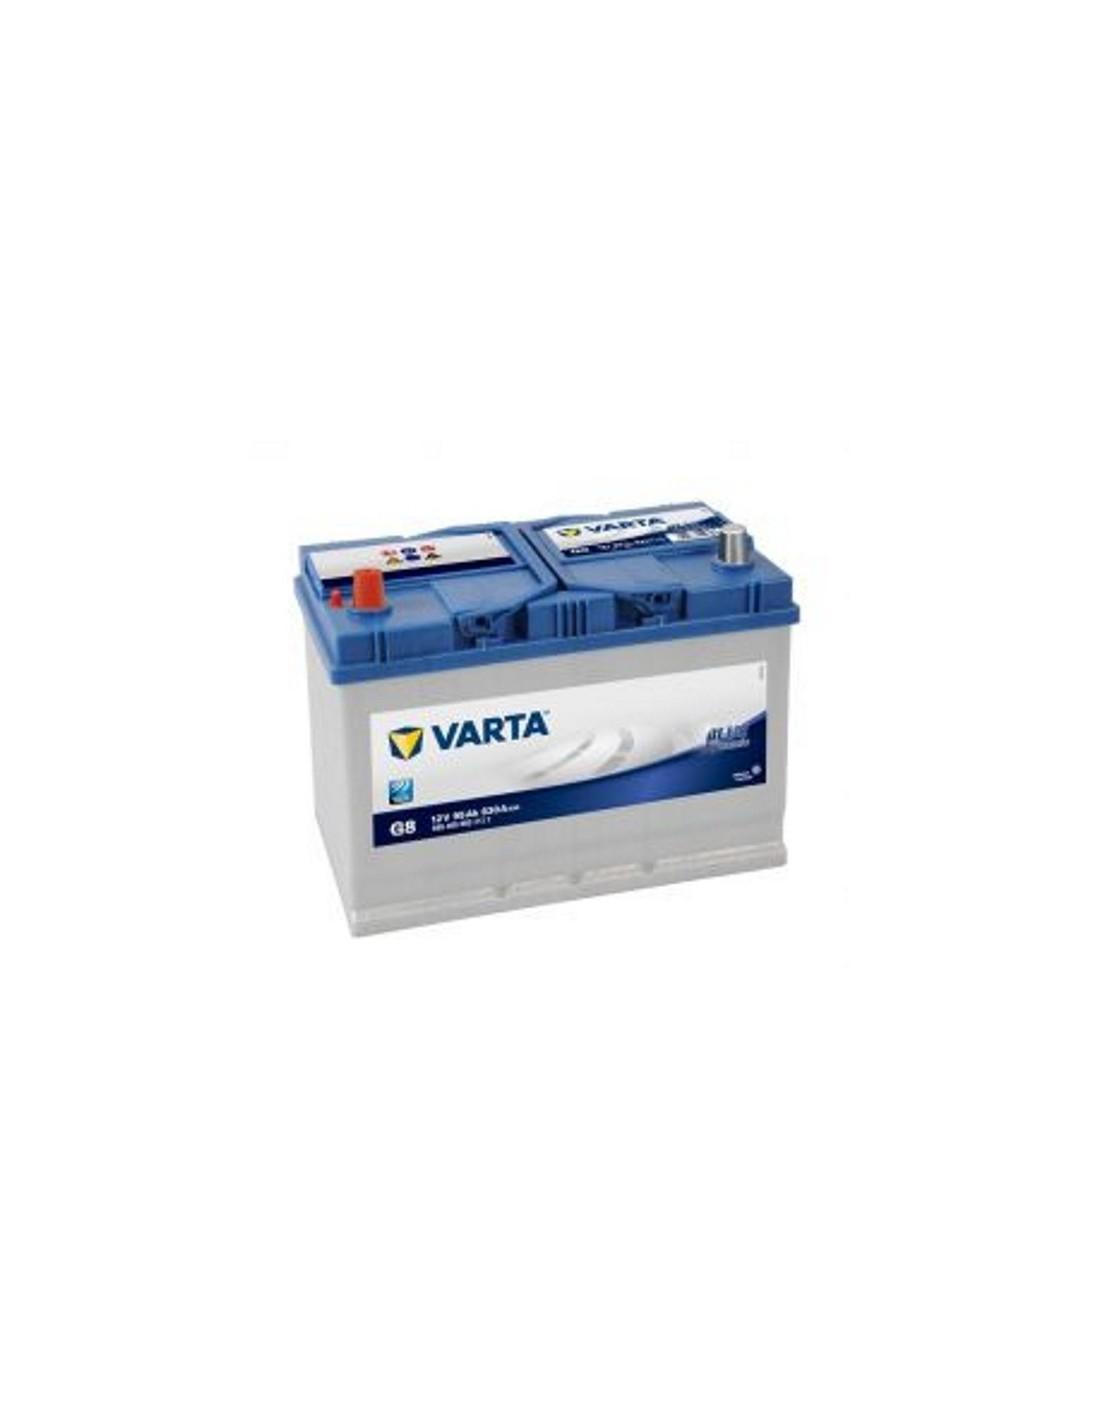 bater a varta blue g8 dynamic 95 ah 130 17 www. Black Bedroom Furniture Sets. Home Design Ideas